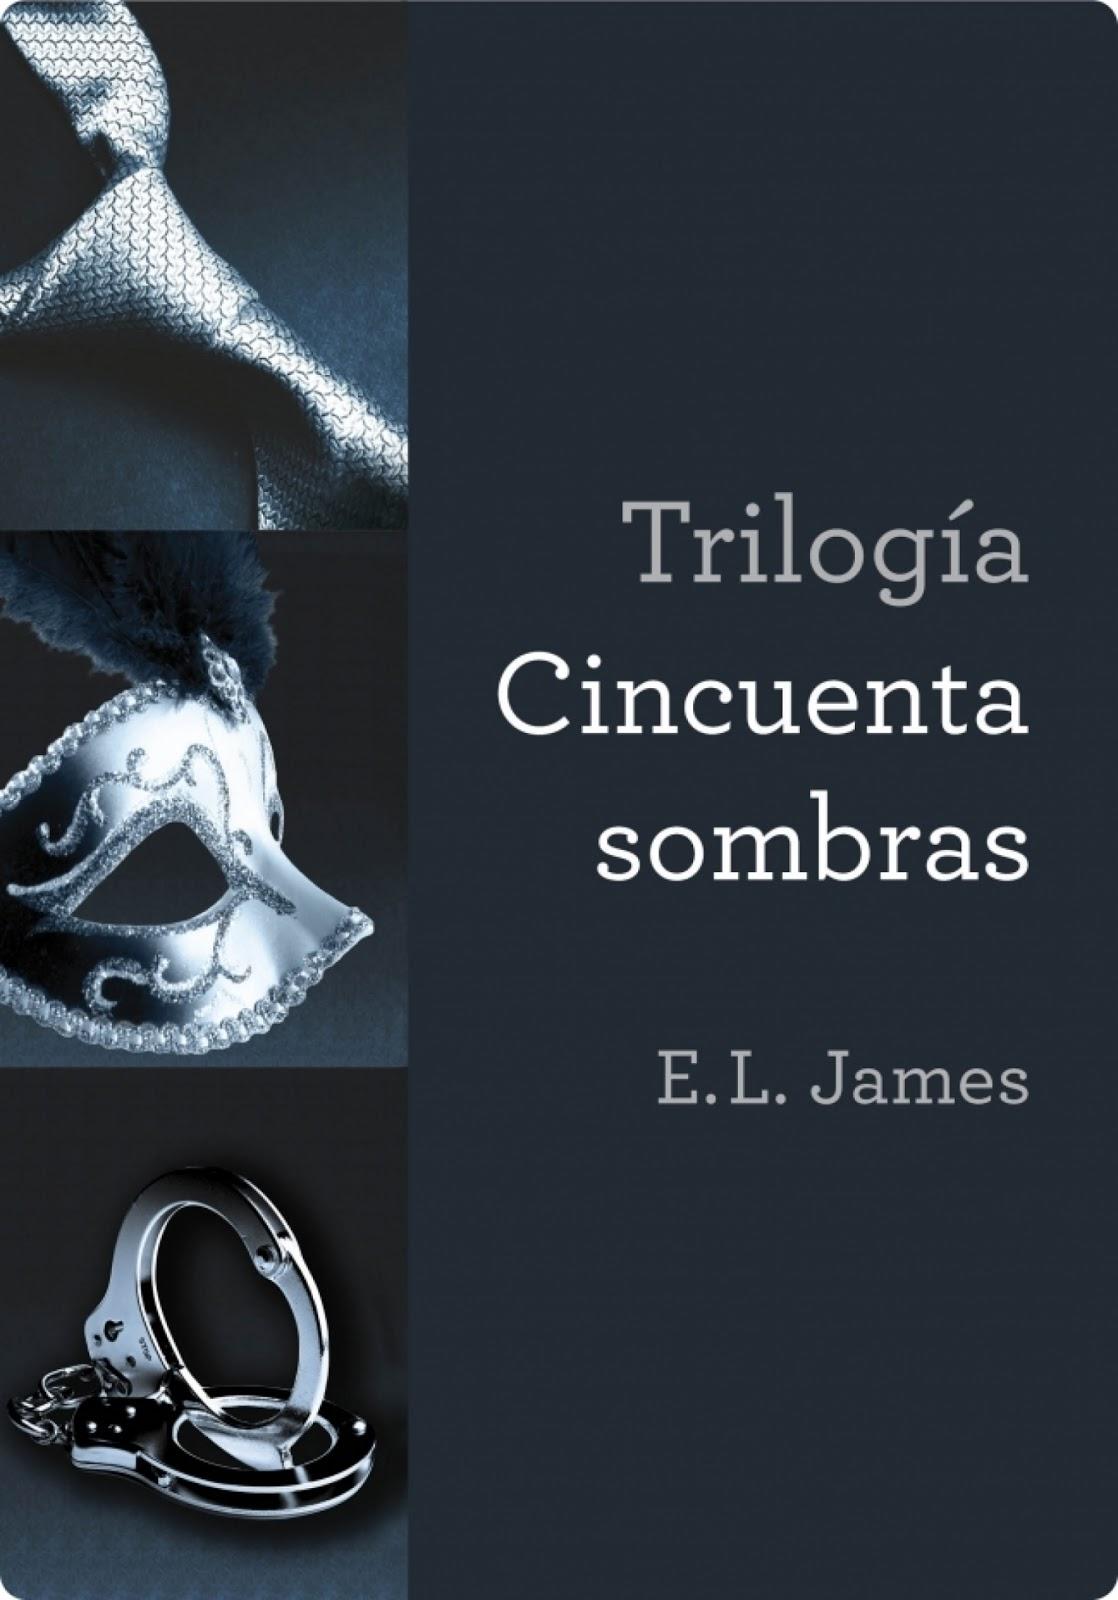 trilogia cincuenta sombras de grey descargar gratis